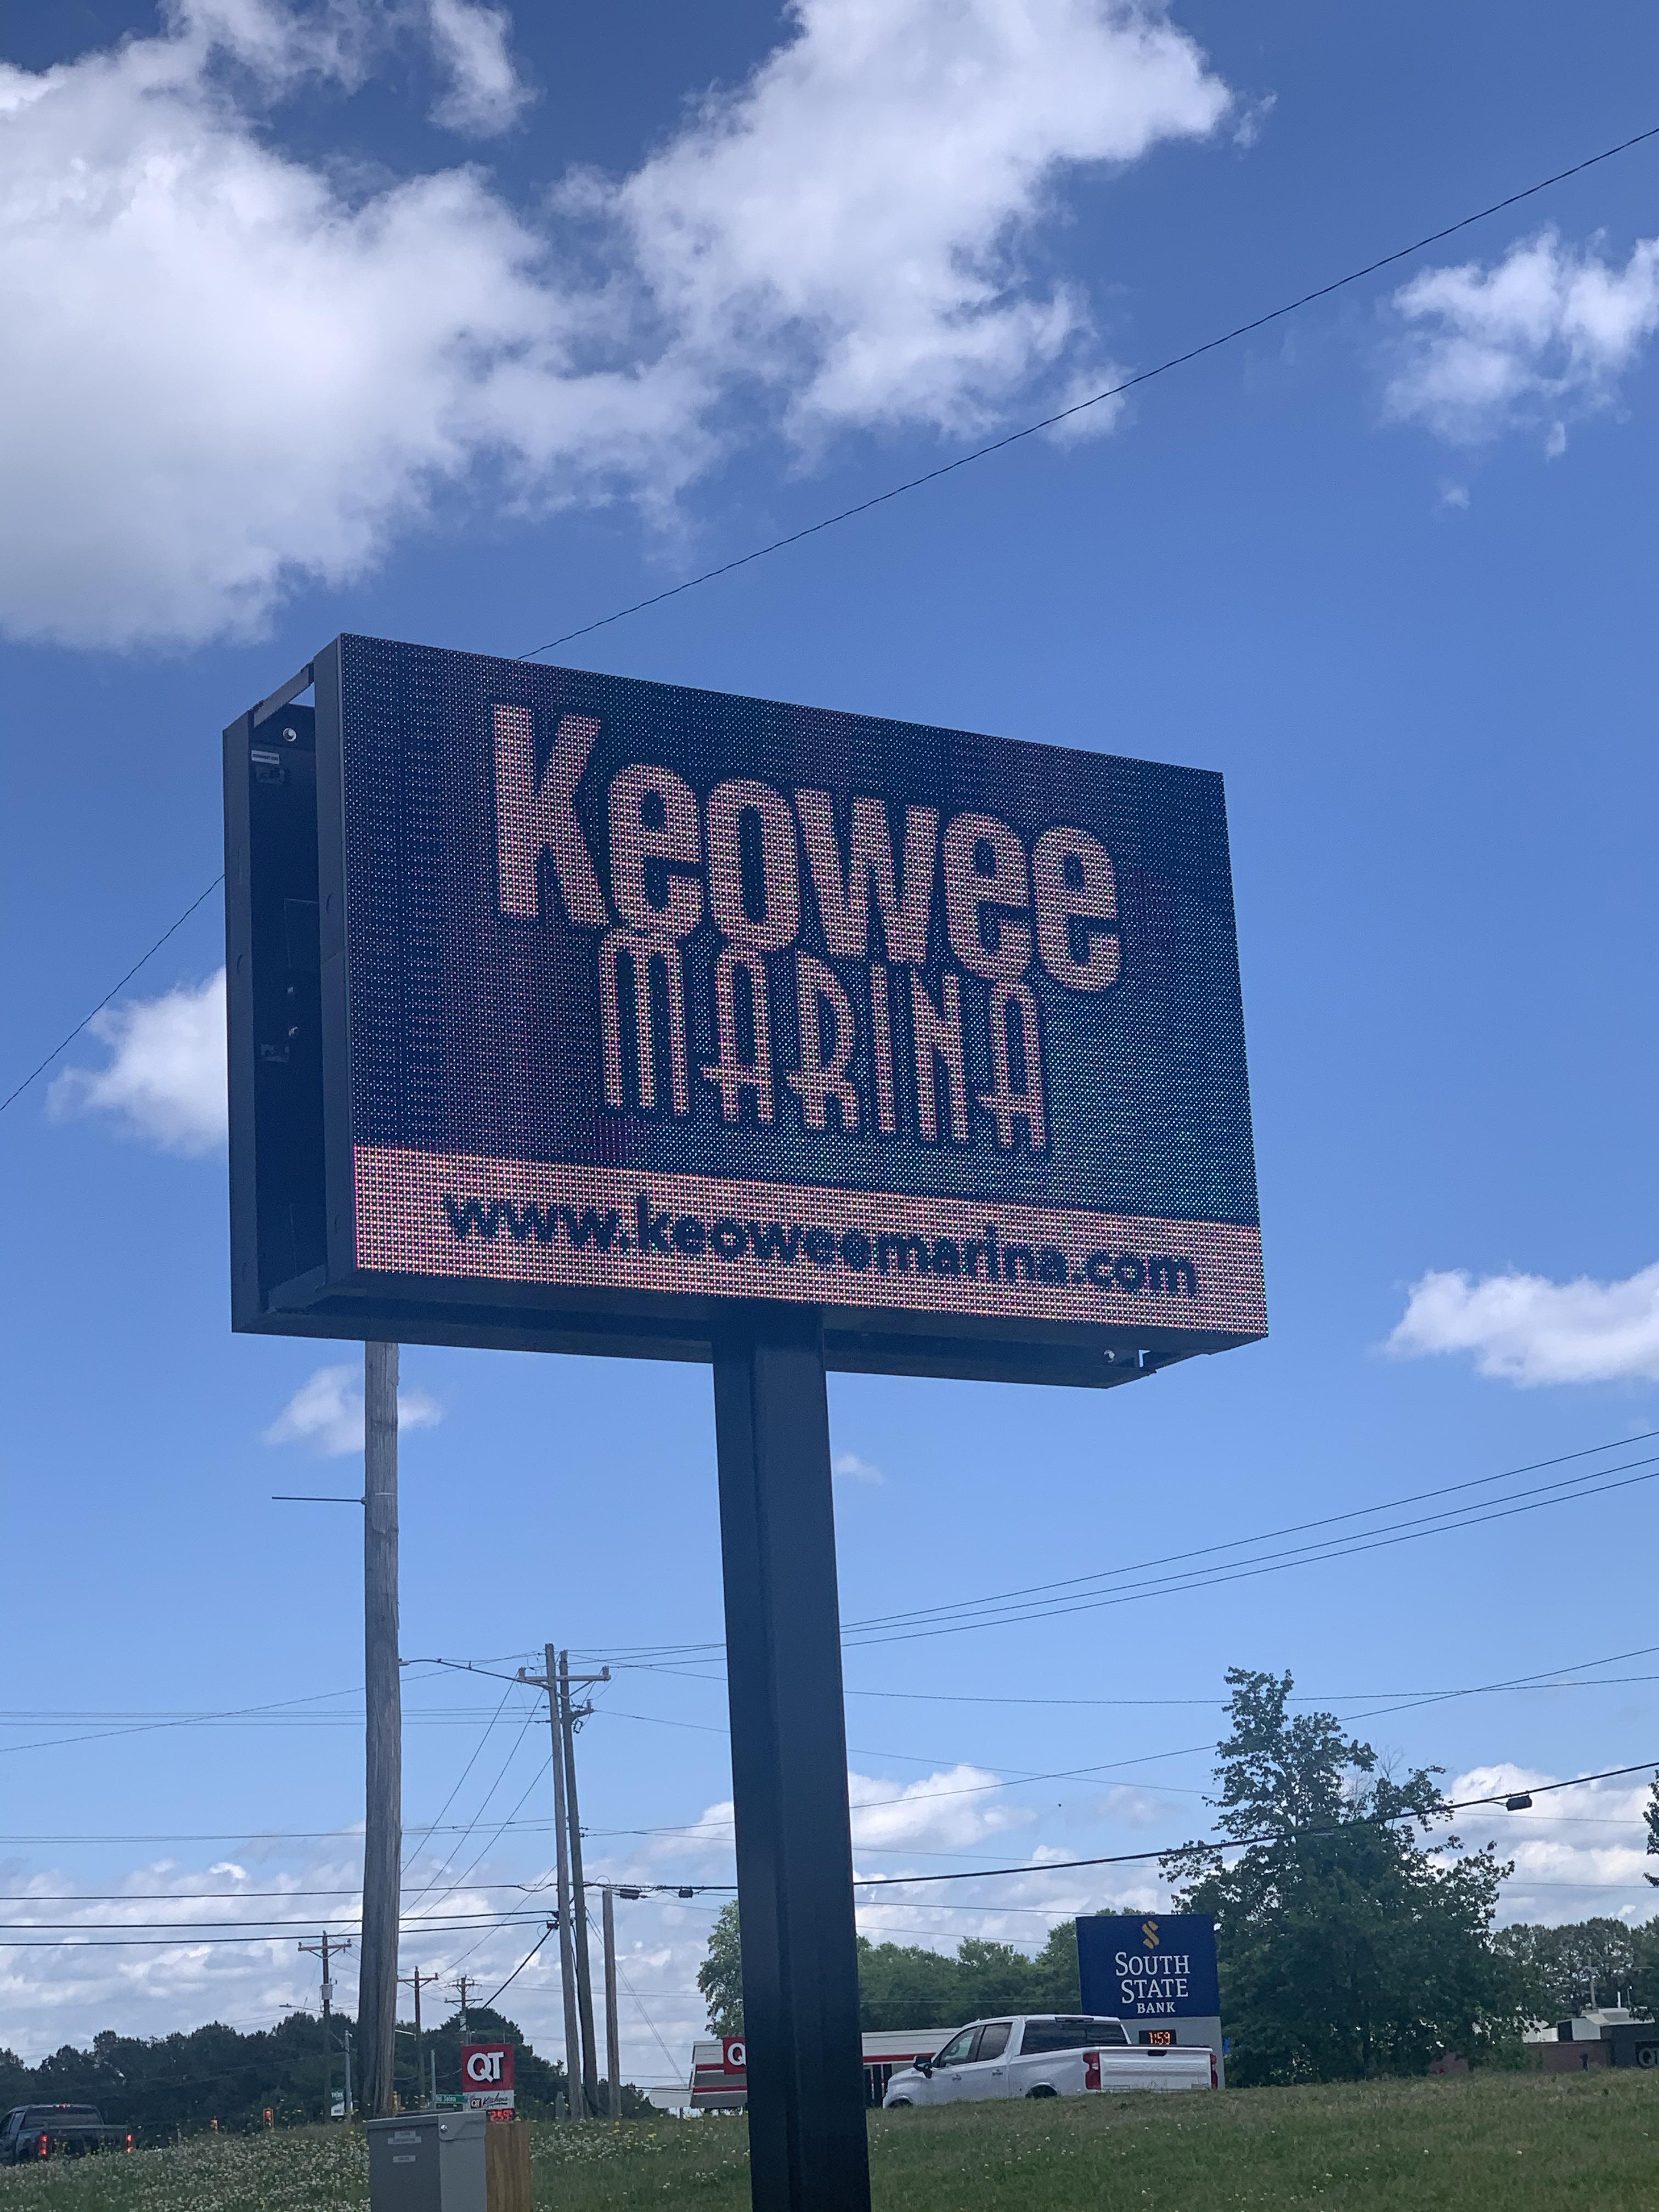 Keowee Marina